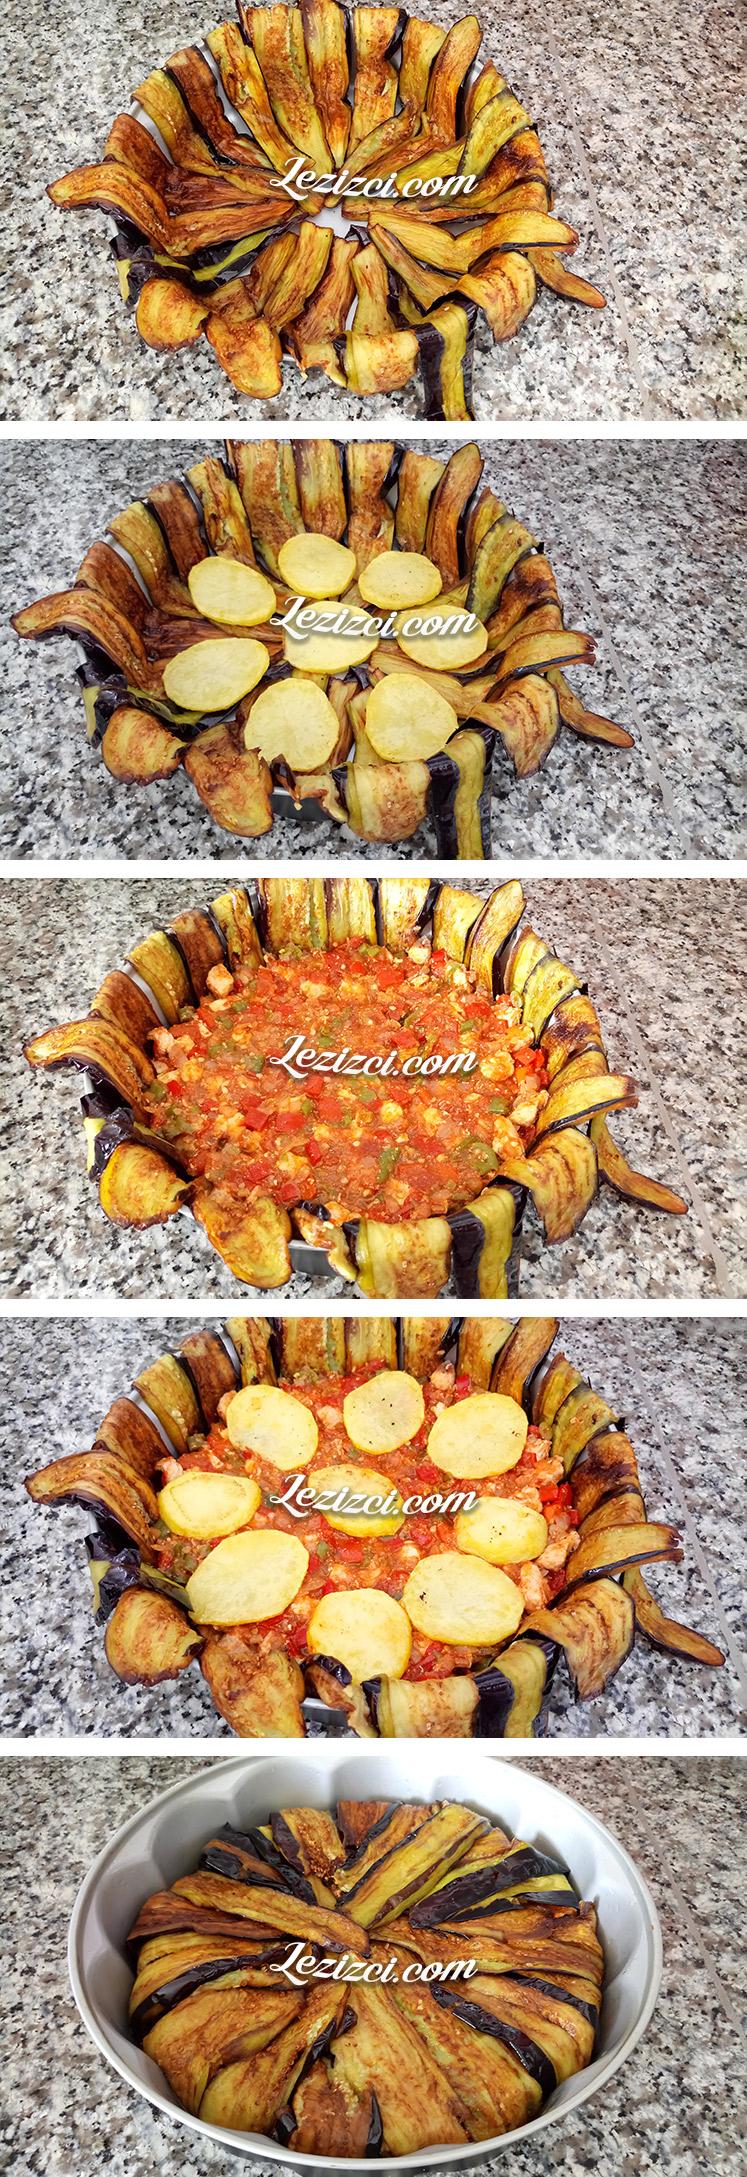 Fırında Tavuklu Patlıcan Kapama Nasıl Yapılır?